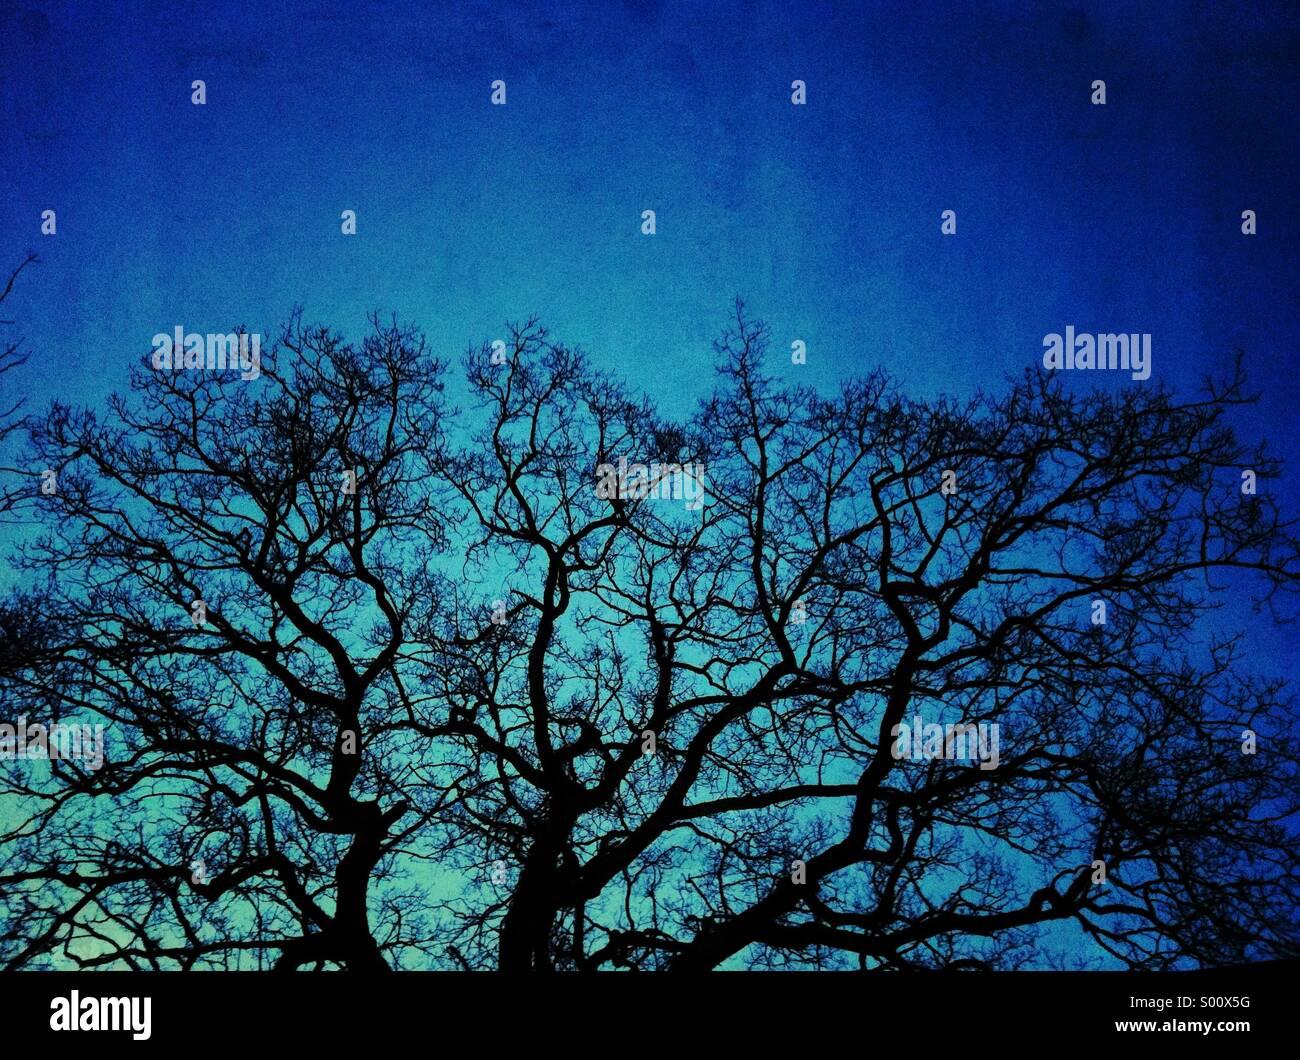 Baum Zweige blau Grunge Texturen Stockbild